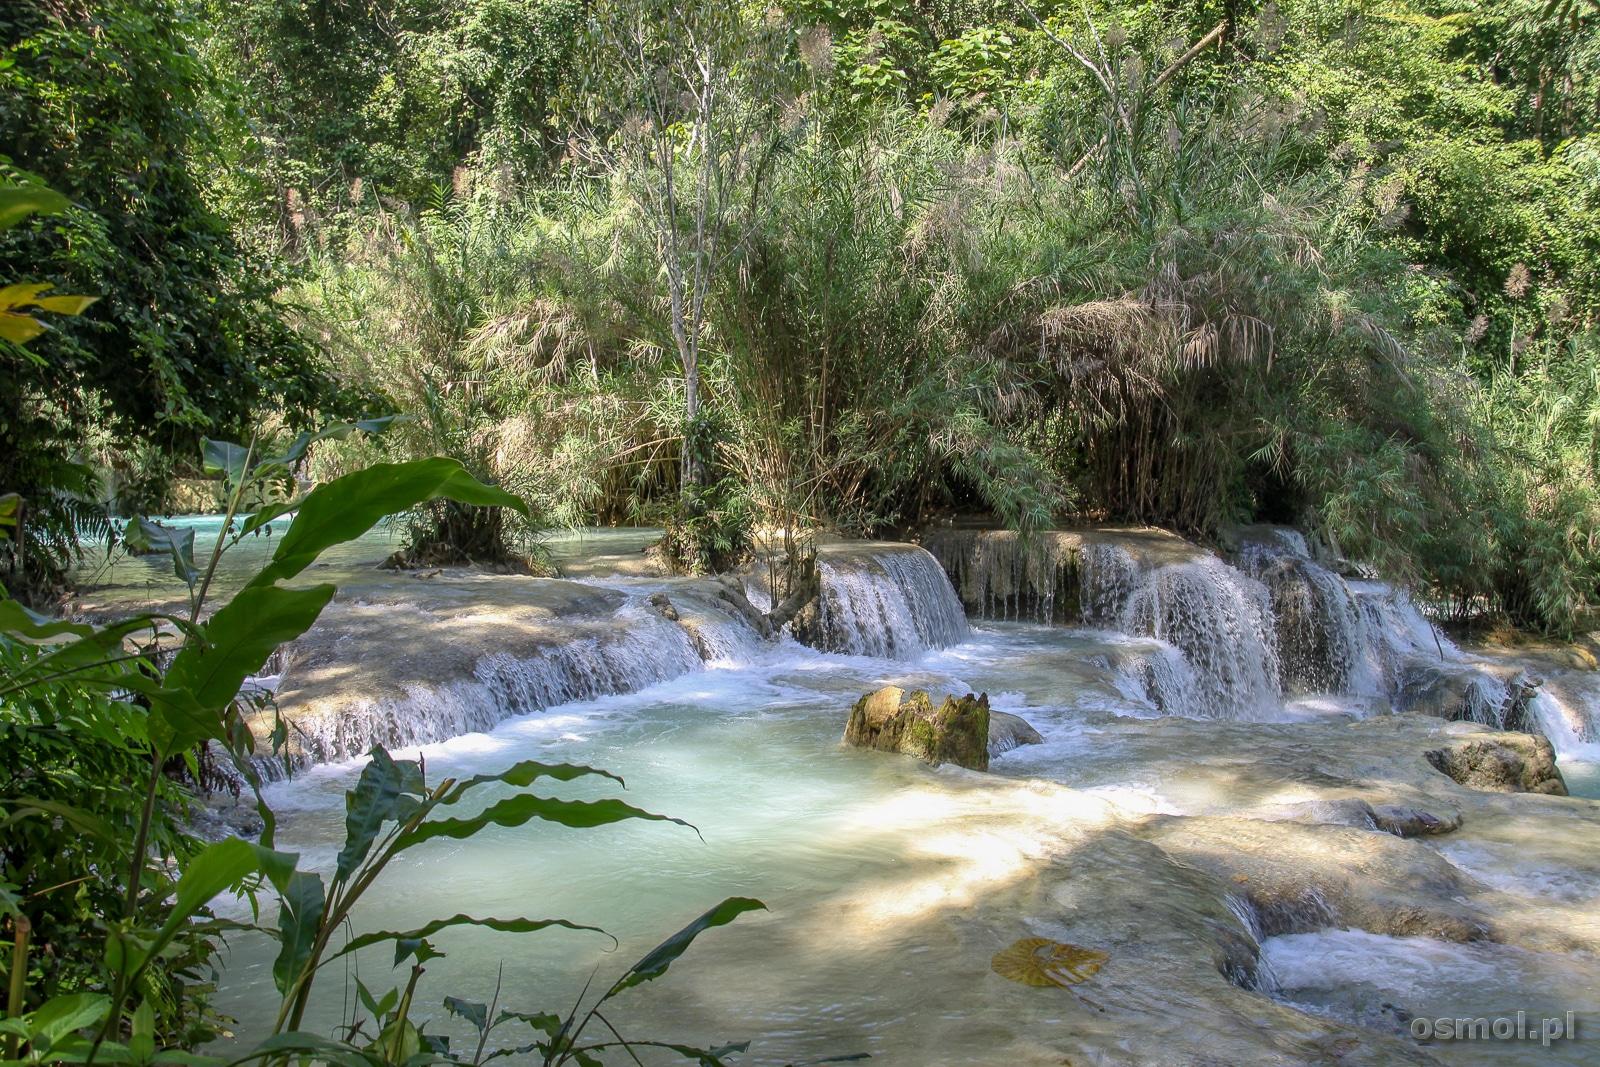 Wodospad Kuang Si to jedna z atrakcji, którą praktycznie wszyscy turyści oglądają, będąc w Luang Prabang. Nic dziwnego skoro podróż zajmuje około 45 minut a odległość to około 30 kilometrów.